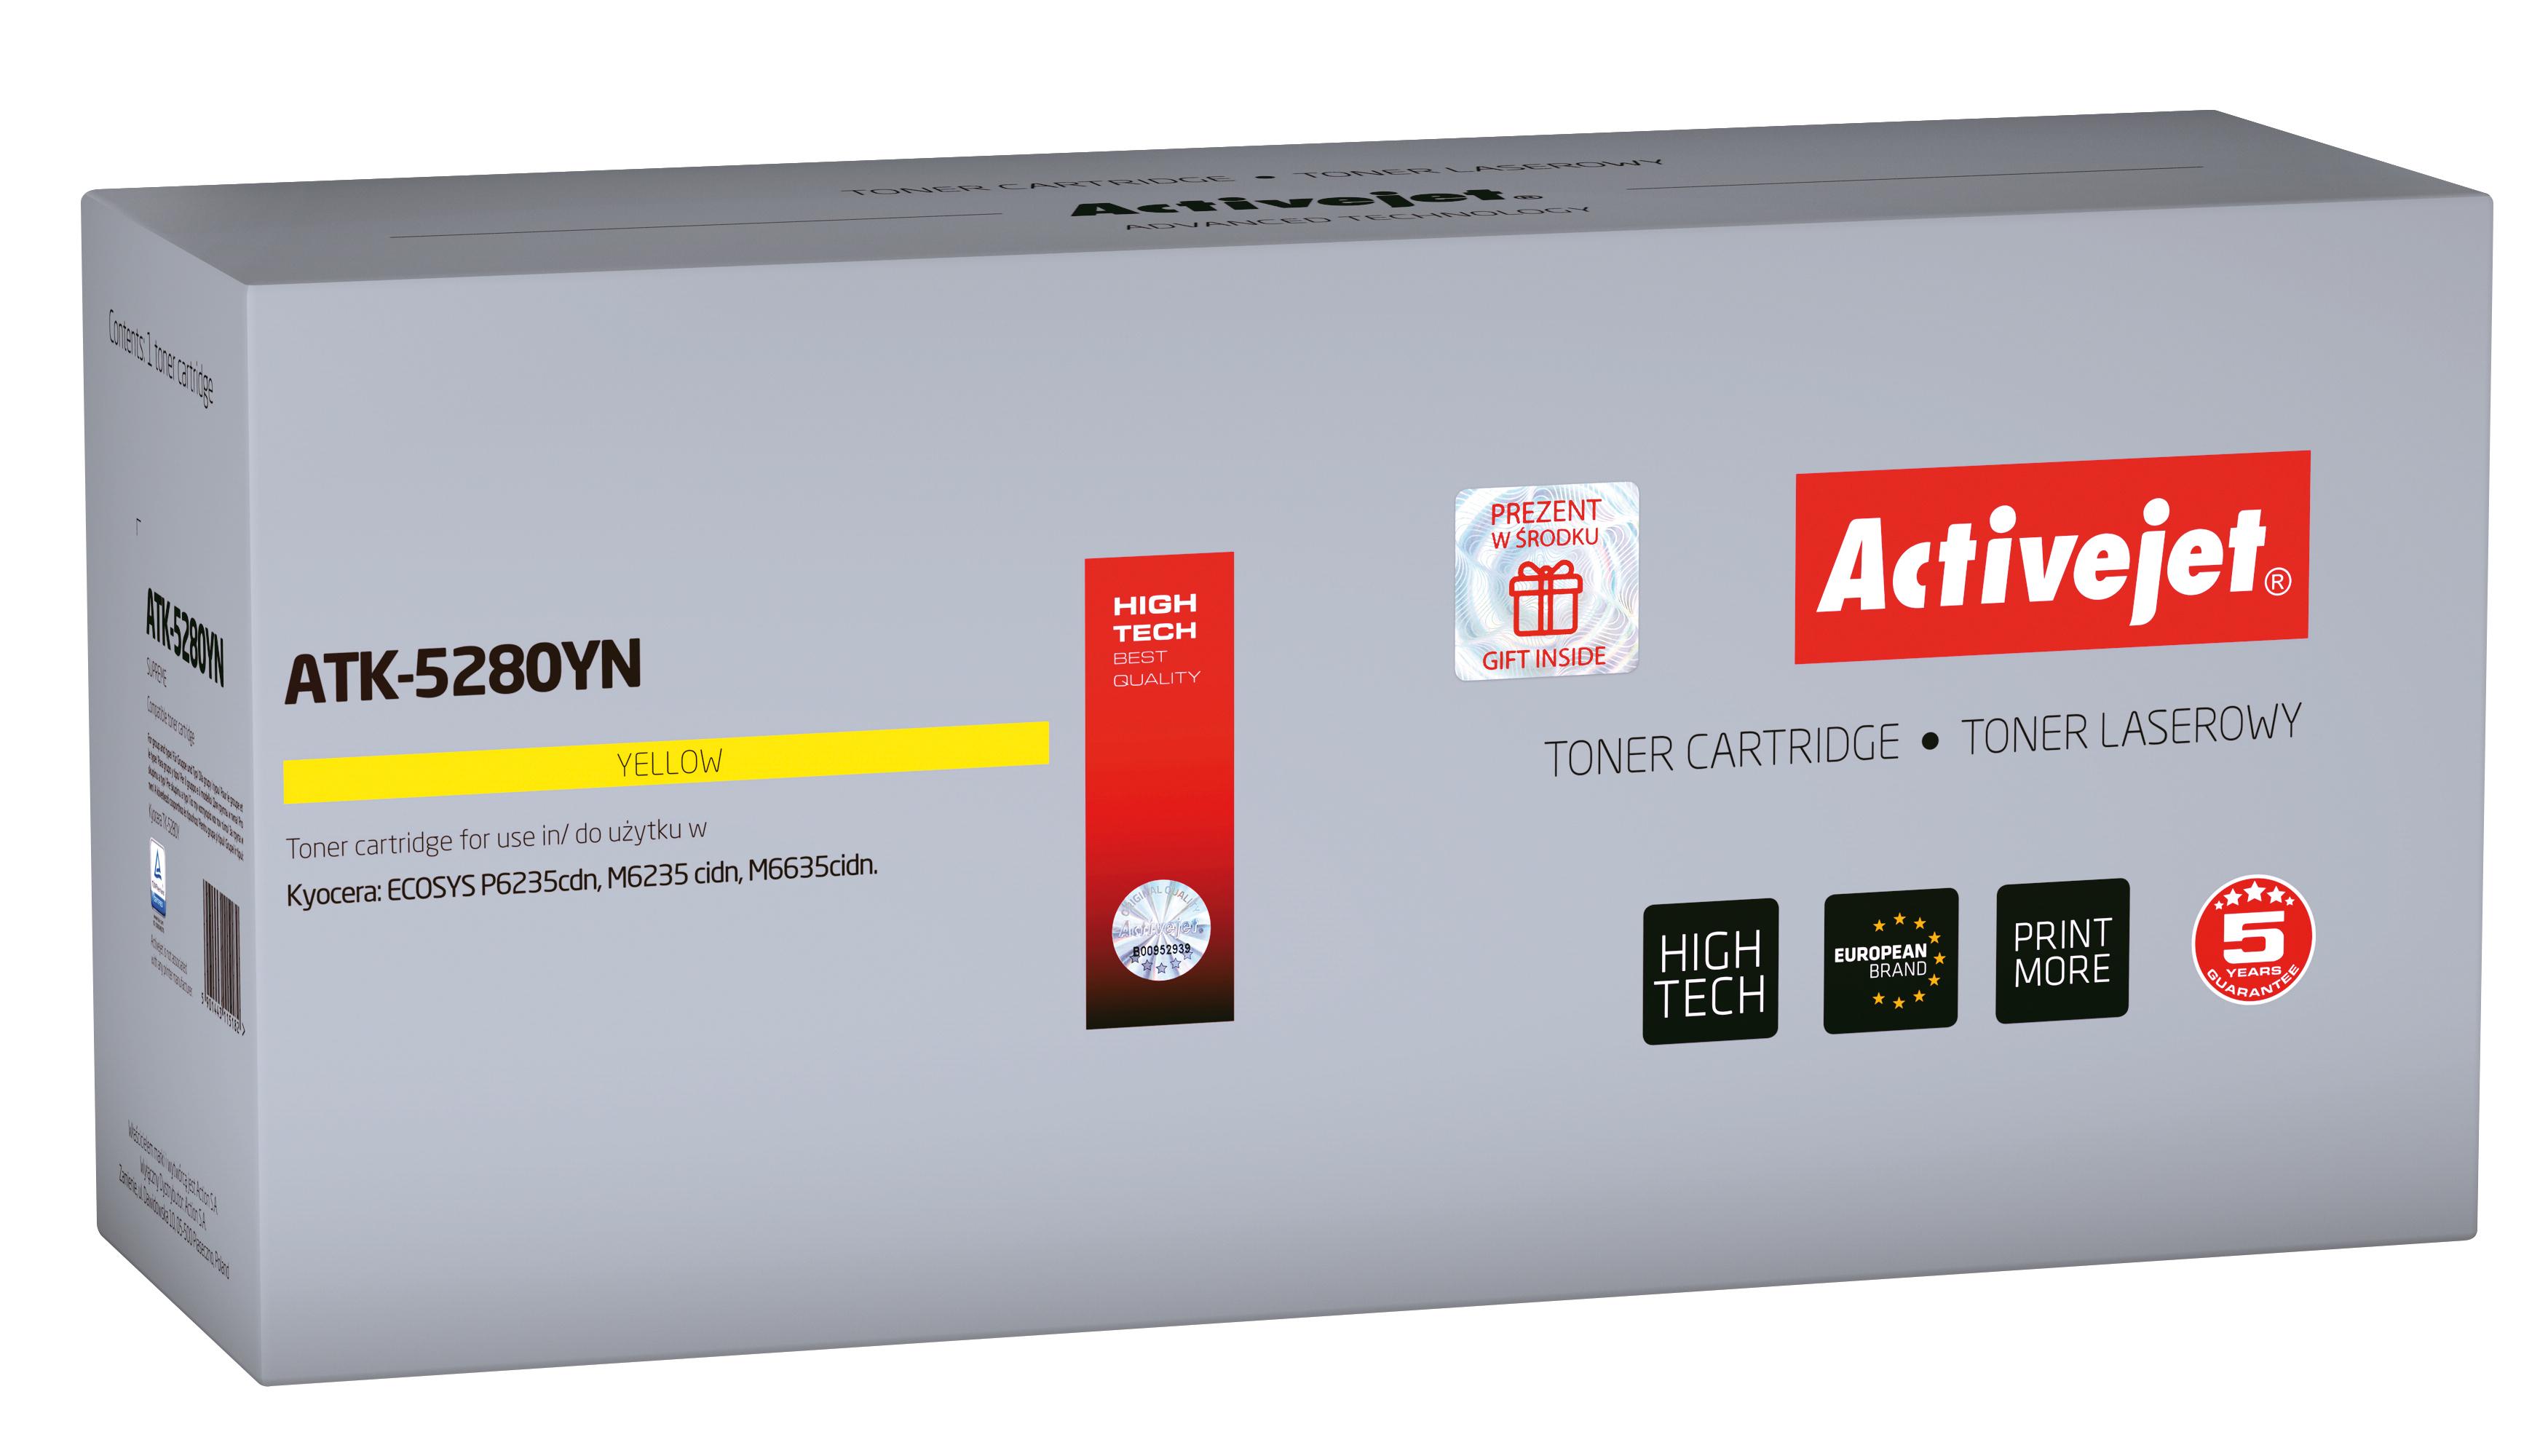 Toner Activejet  ATK-5280YN do drukarki Kyocera, Zamiennik Kyocera TK-5280Y; Supreme; 11000 stron; Żólty.